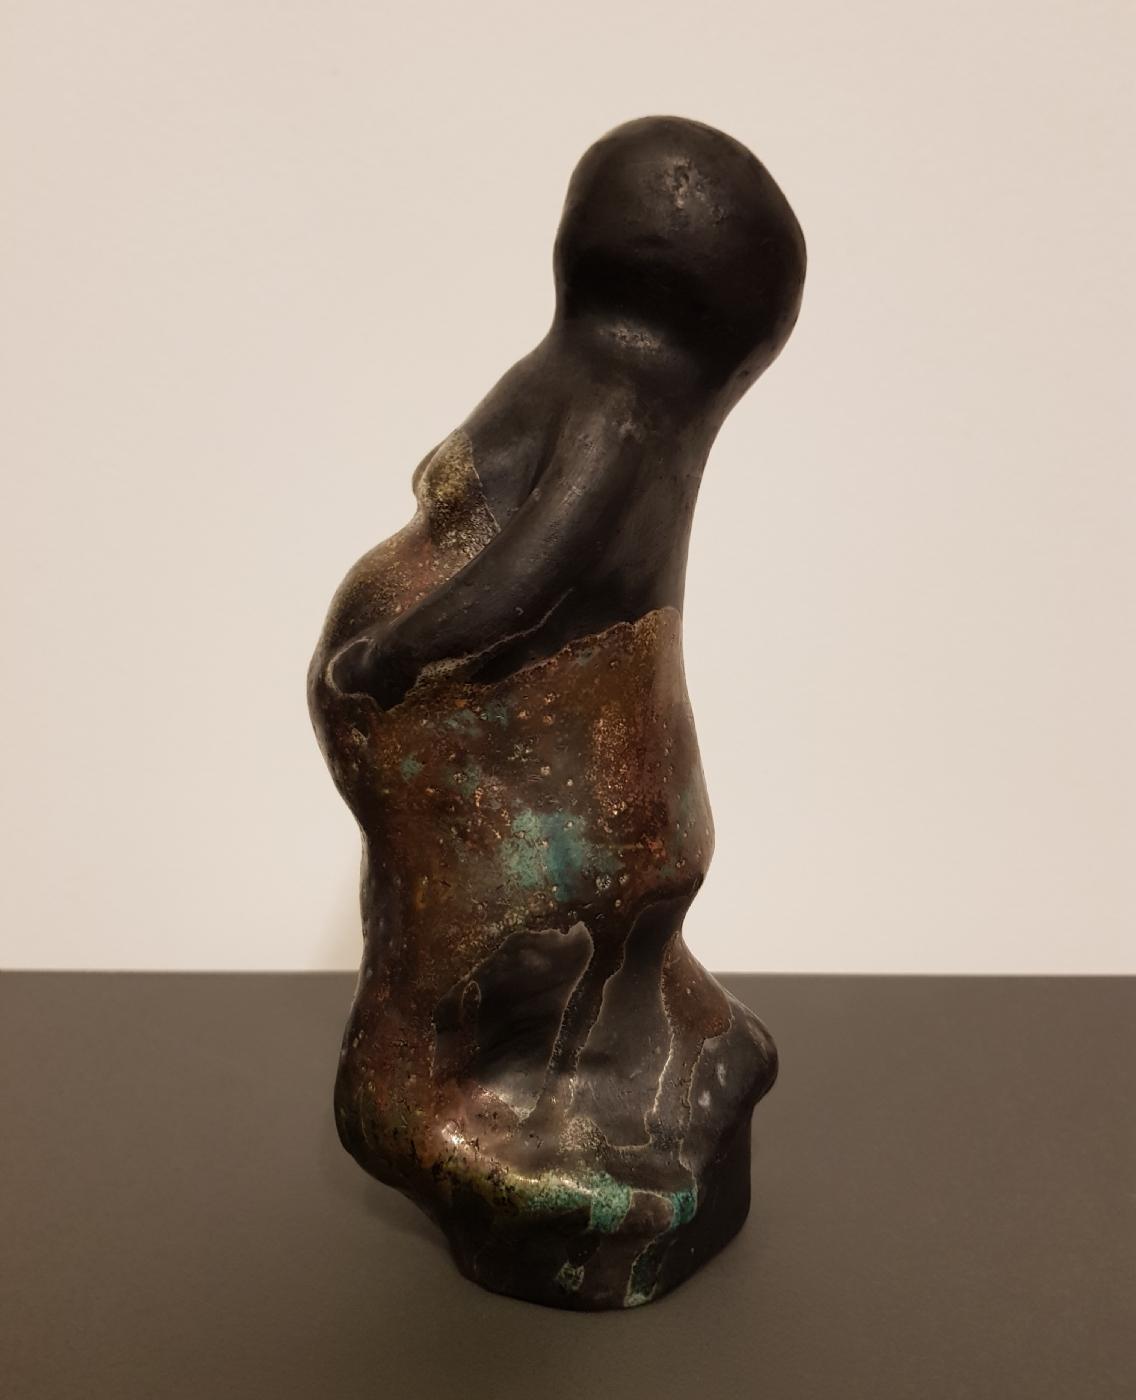 Pregnent, skulptur i Keramik og Rakubrænding,  glasur i changer farver,  meget kobber | Keramik